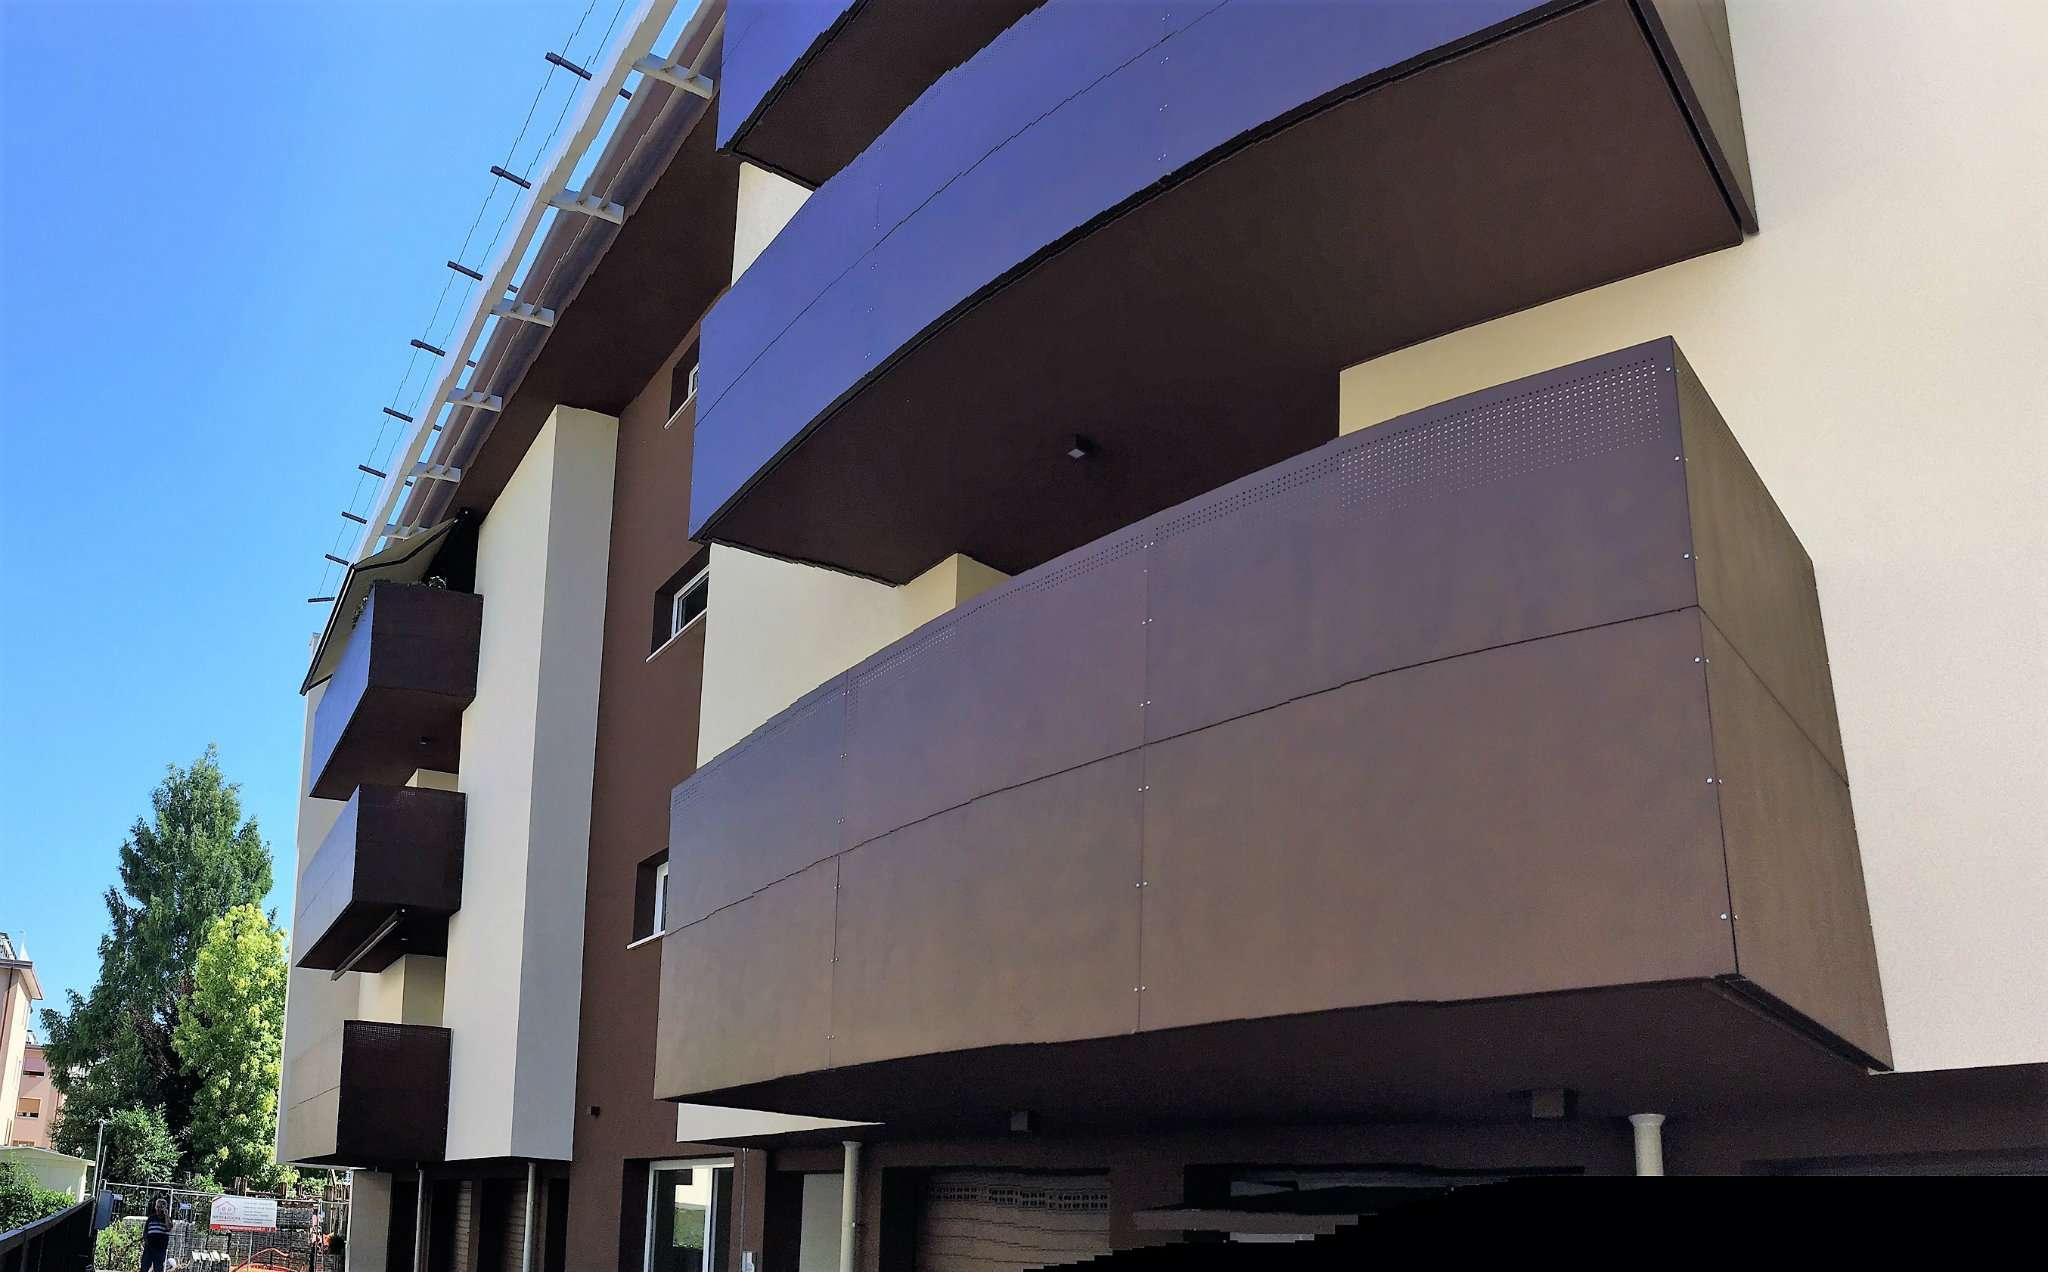 Appartamento in vendita a Spinea, 8 locali, prezzo € 260.000 | CambioCasa.it